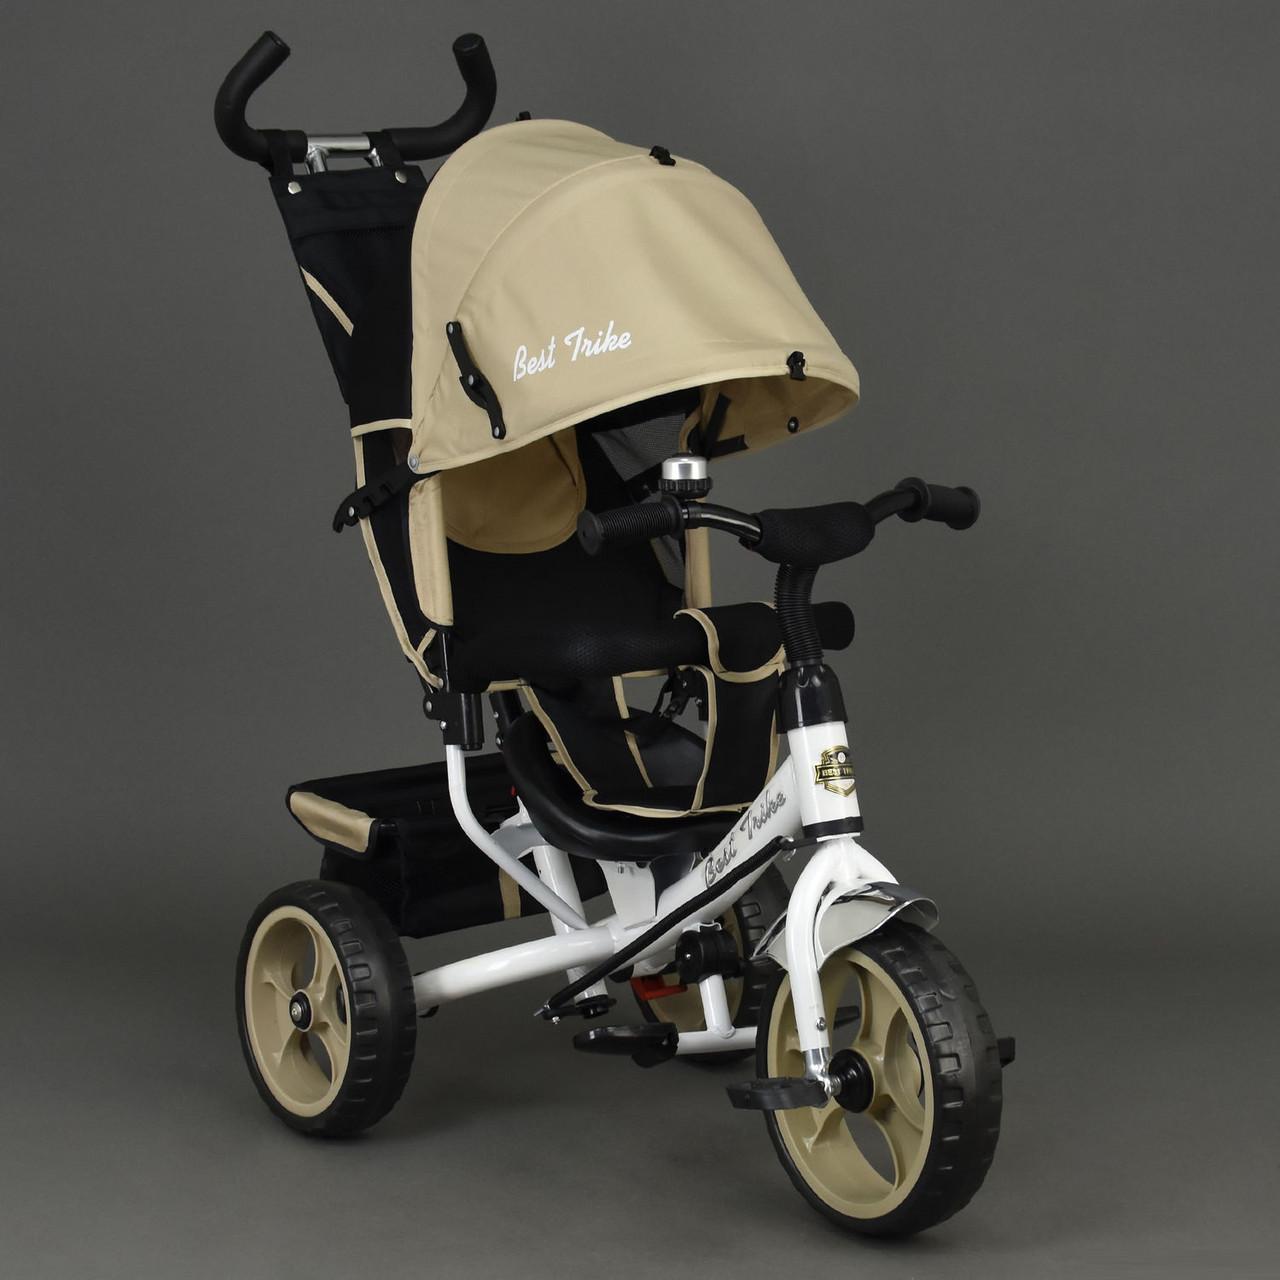 Детский трехколесный велосипед Best Trike 6570 бежевый (колеса пена)